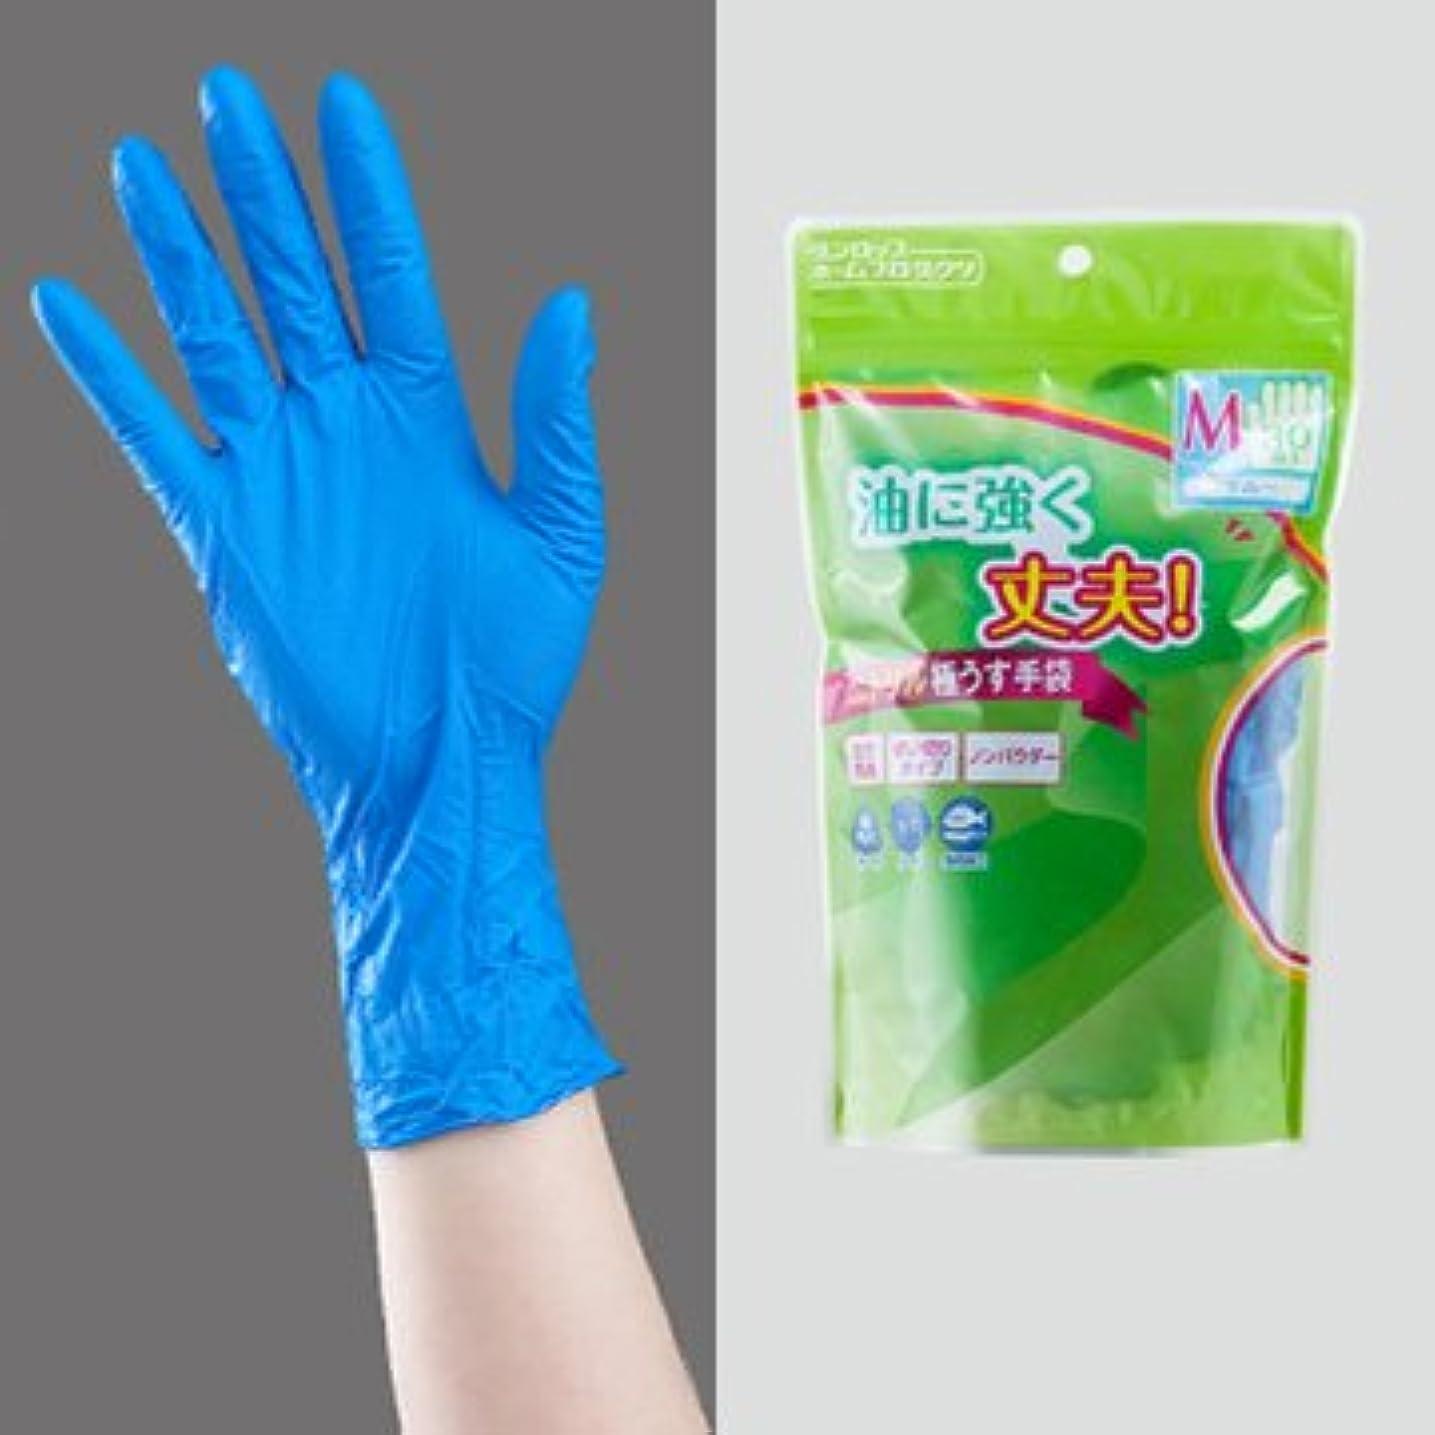 クロール商標好みニトリル極うす手袋パウダーフリー 30枚入(S)